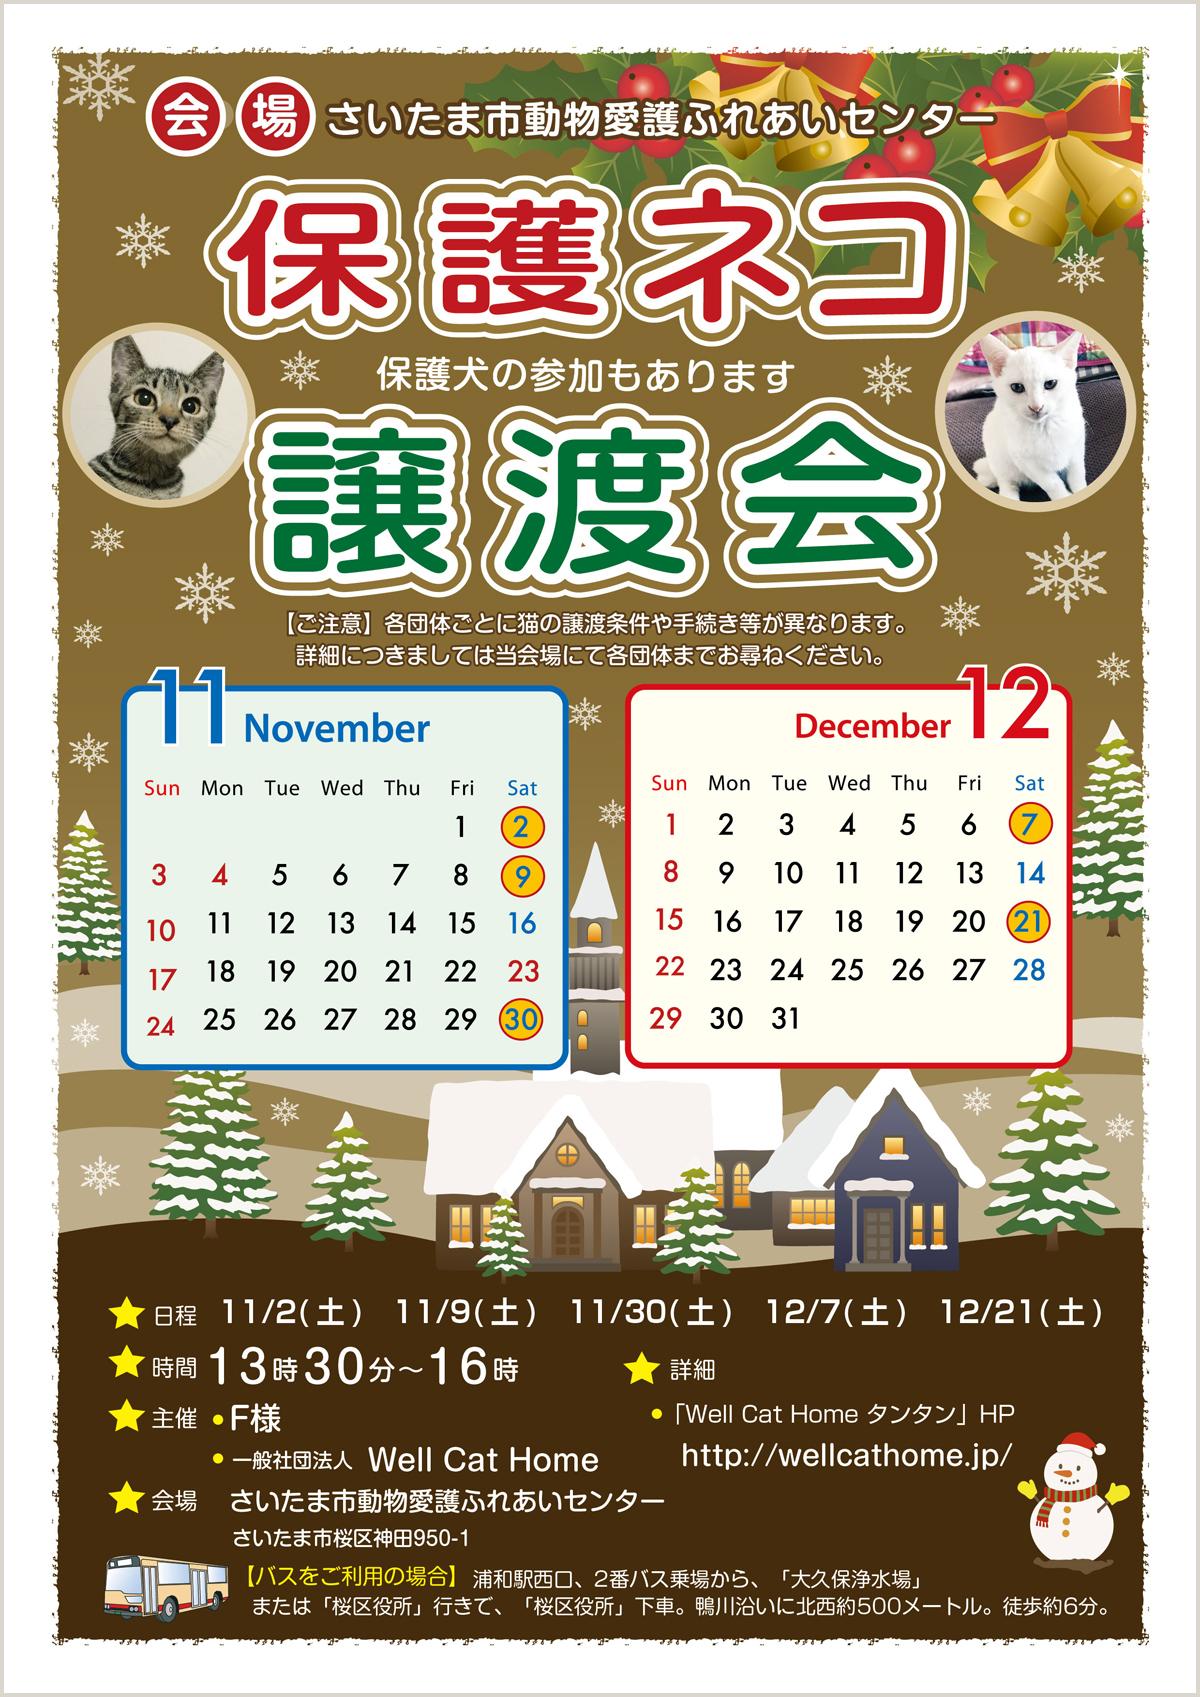 New-2019_11-12_fureai-chirashi-01.jpg